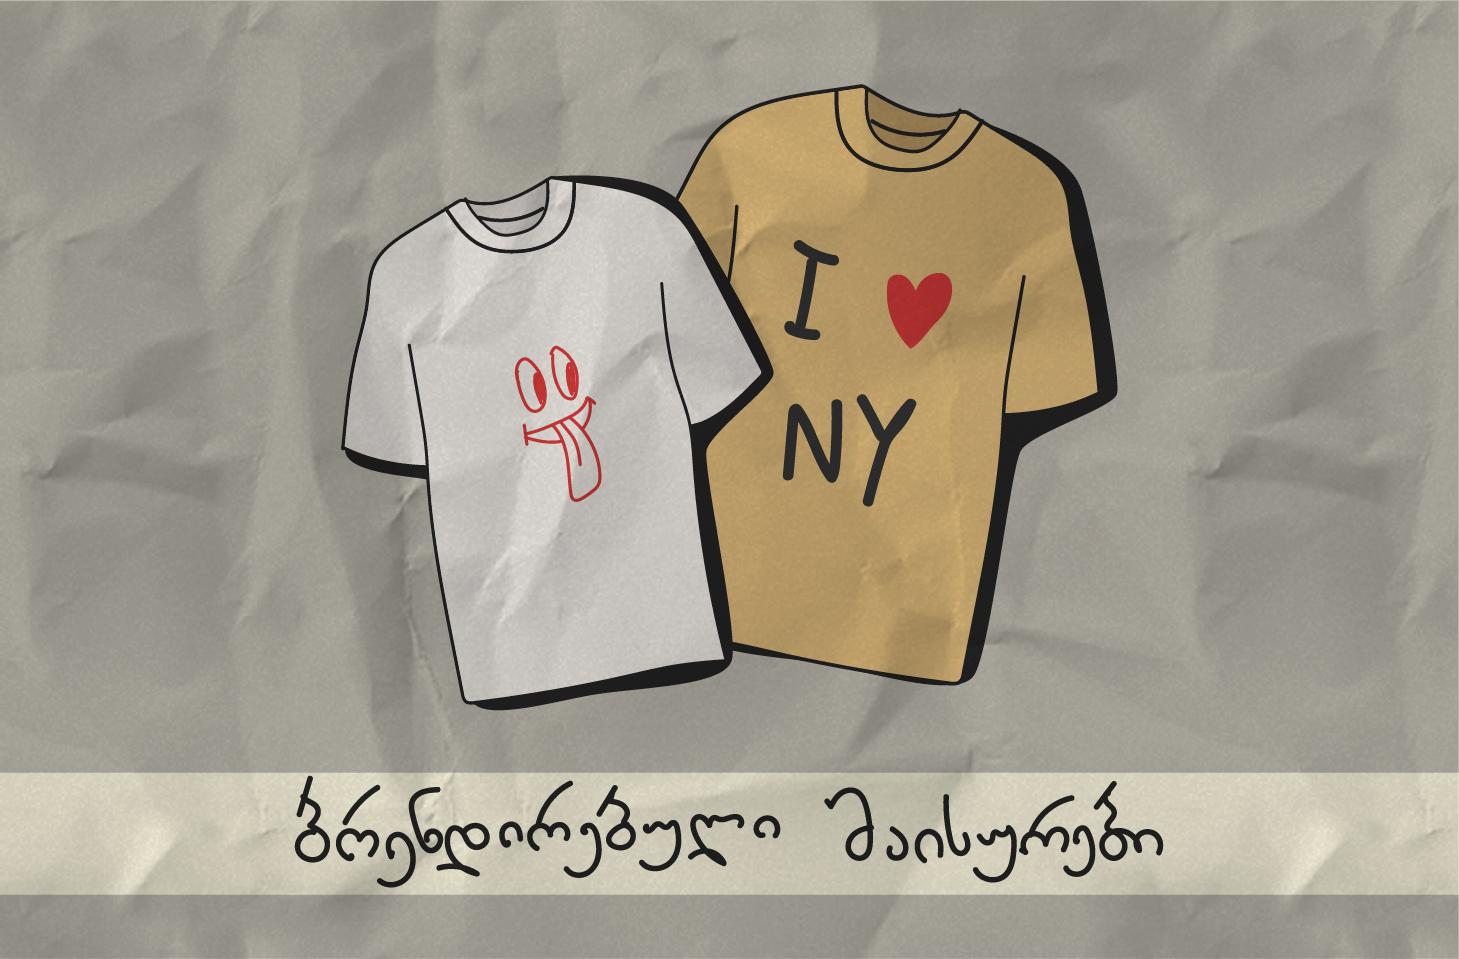 ბრენდირებული მაისურები